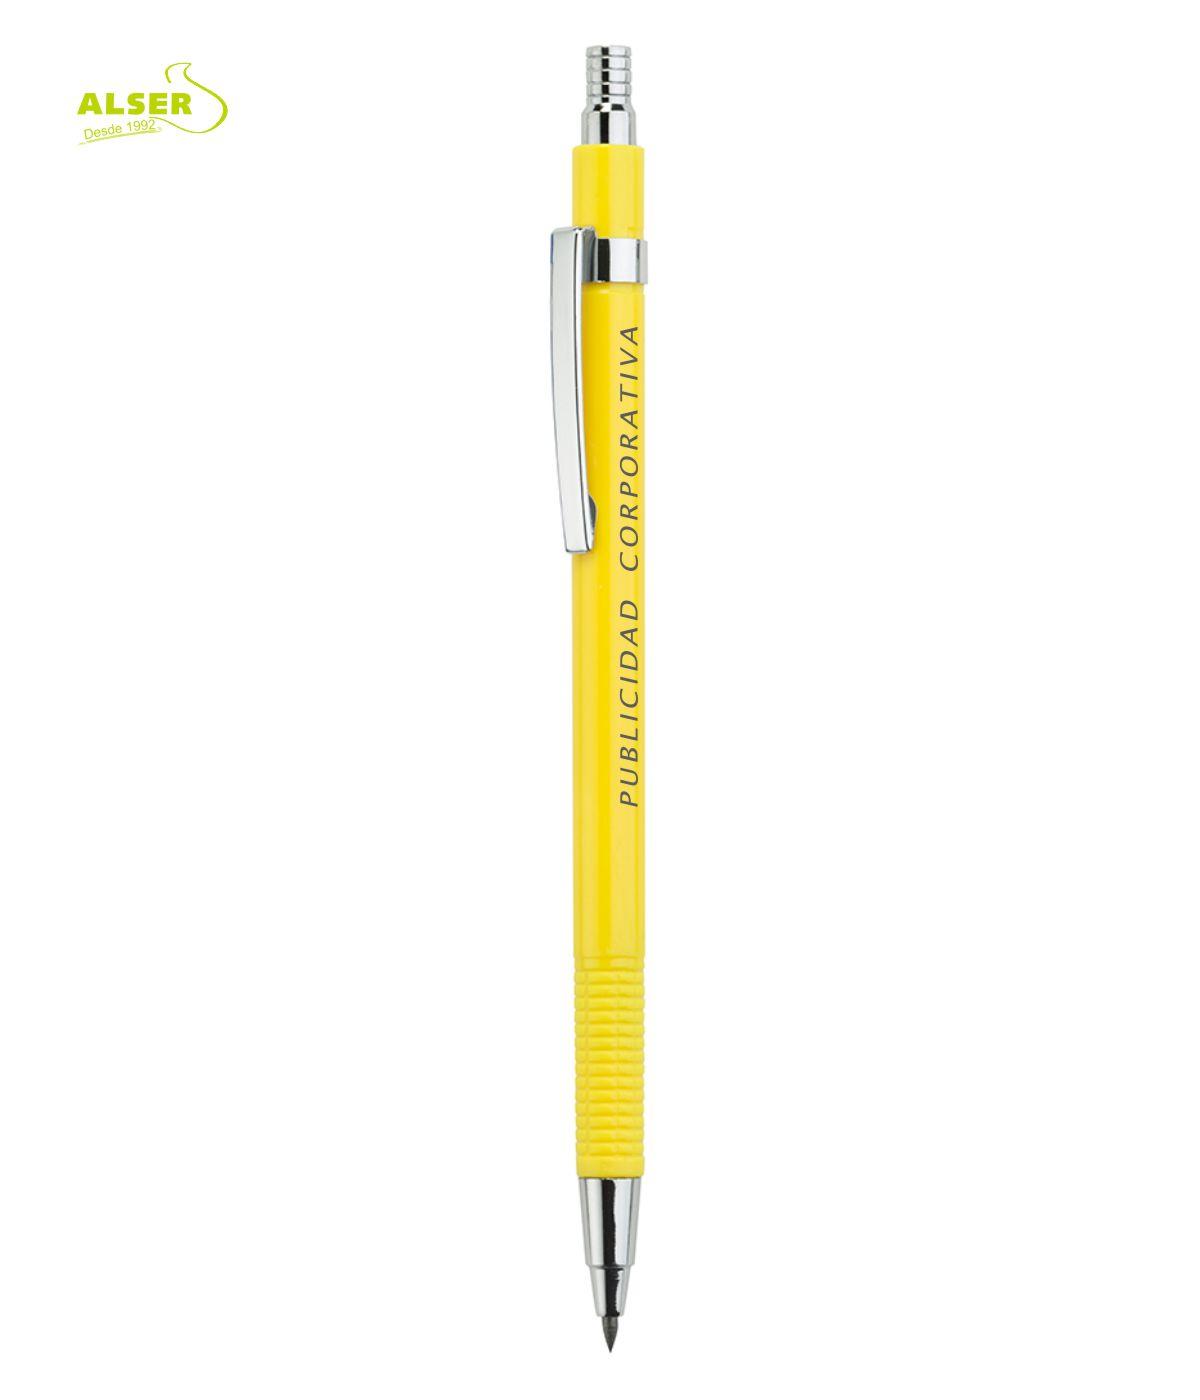 Portaminas Corporativo para publicidad. Amarillo